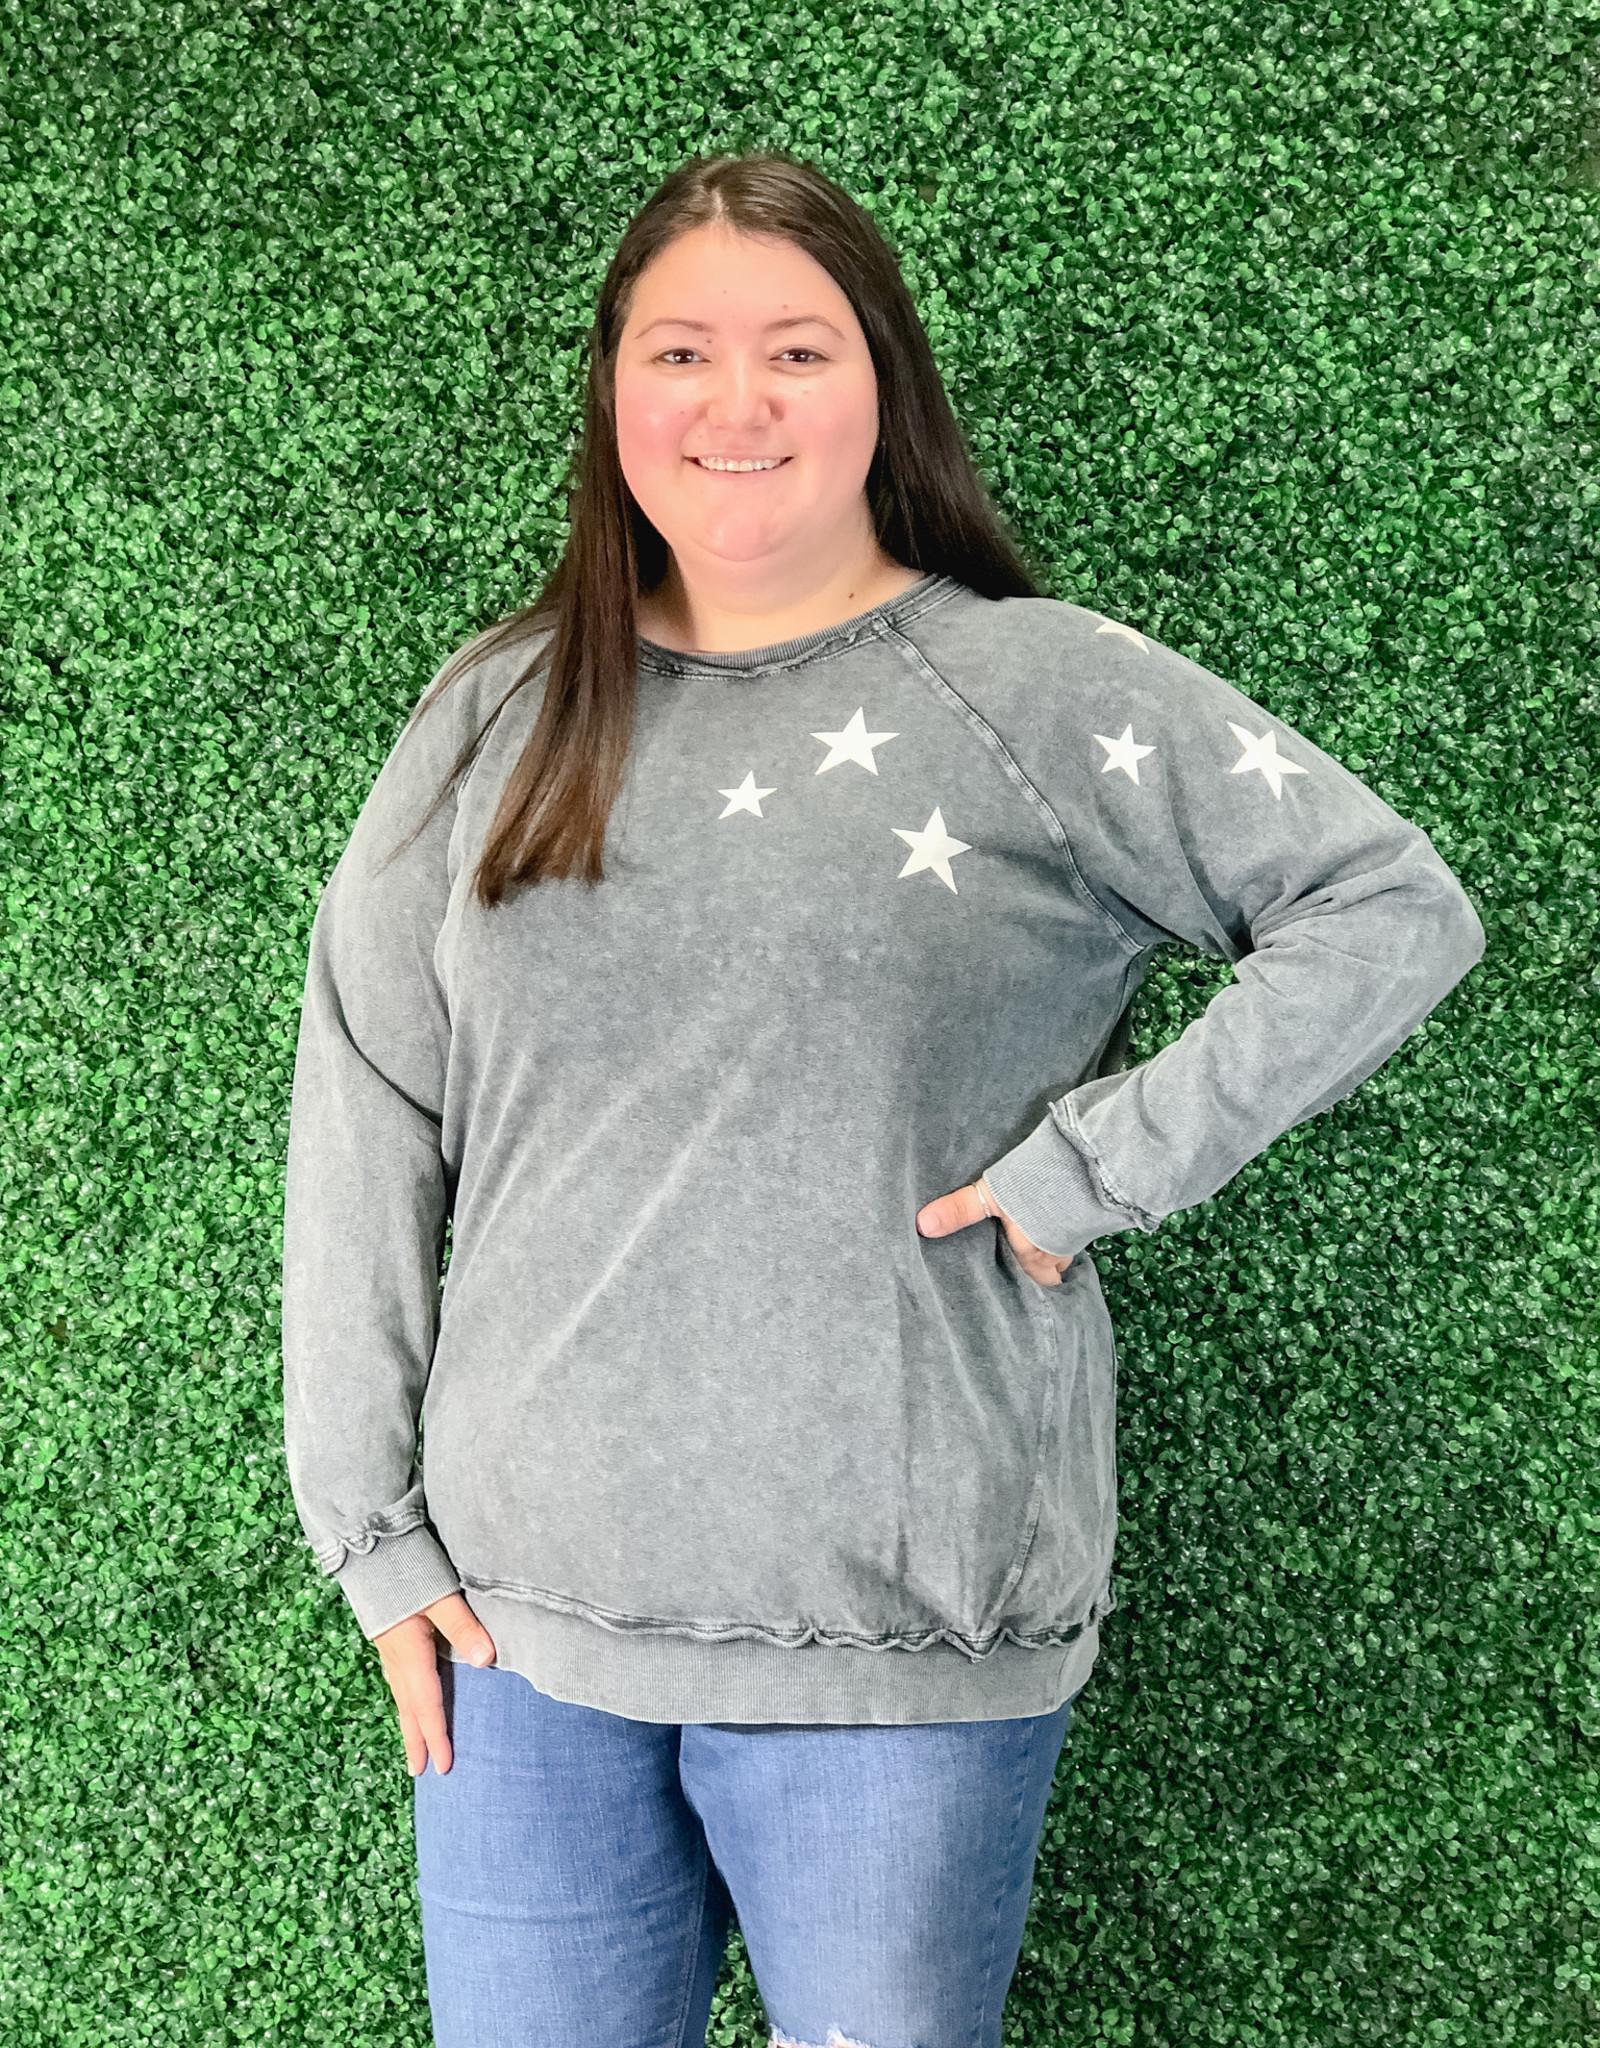 LS Star Terry Knit Sweatshirt